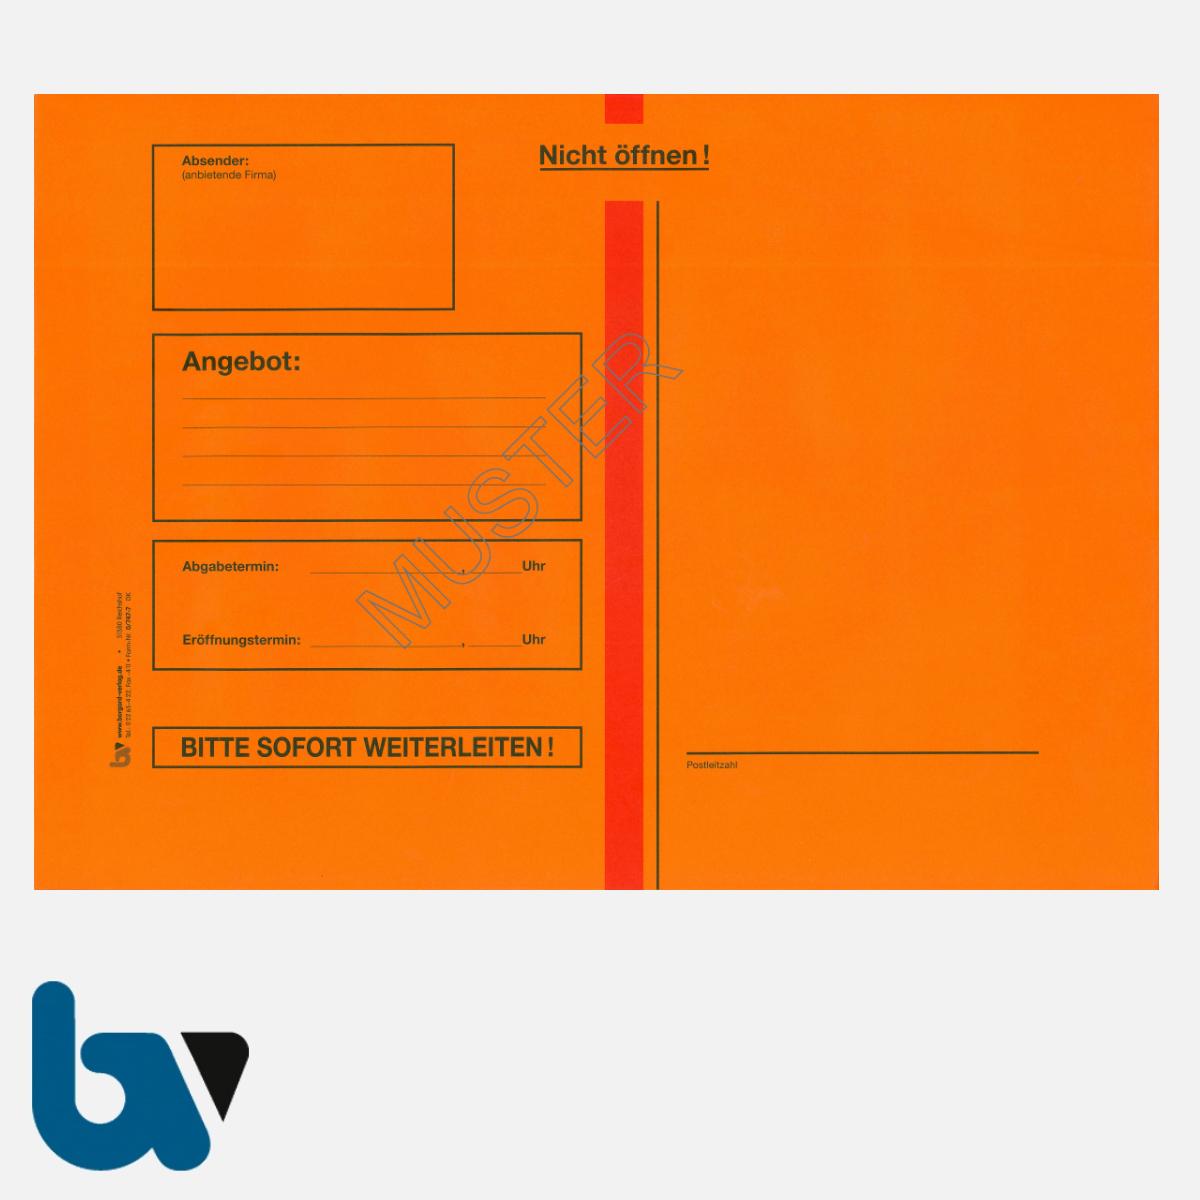 0/747-7 Angebotsumschlag Ausschreibung rot Haftklebung haftklebend Sicherheitsverschluss DIN B4 Vorderseite | Borgard Verlag GmbH